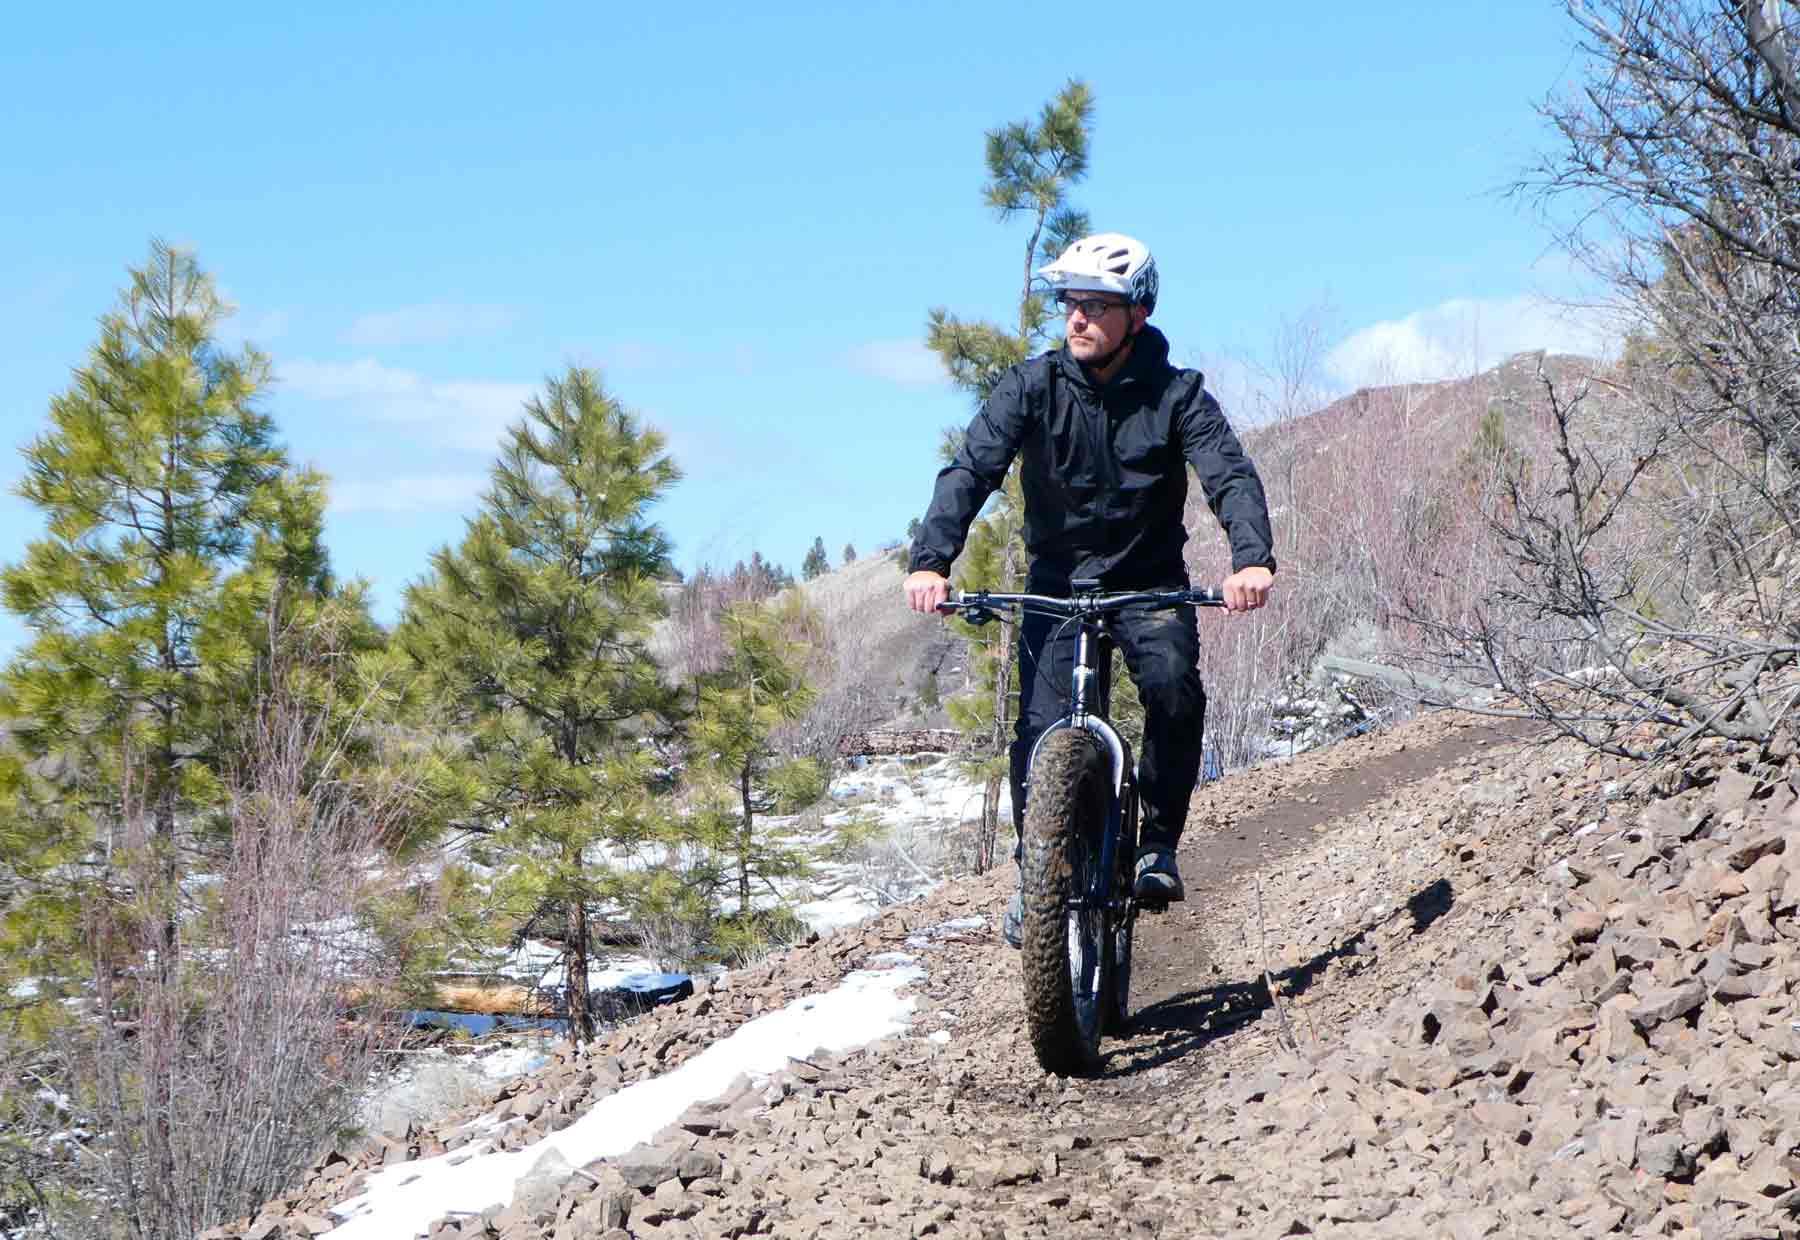 ride-bikebg-large